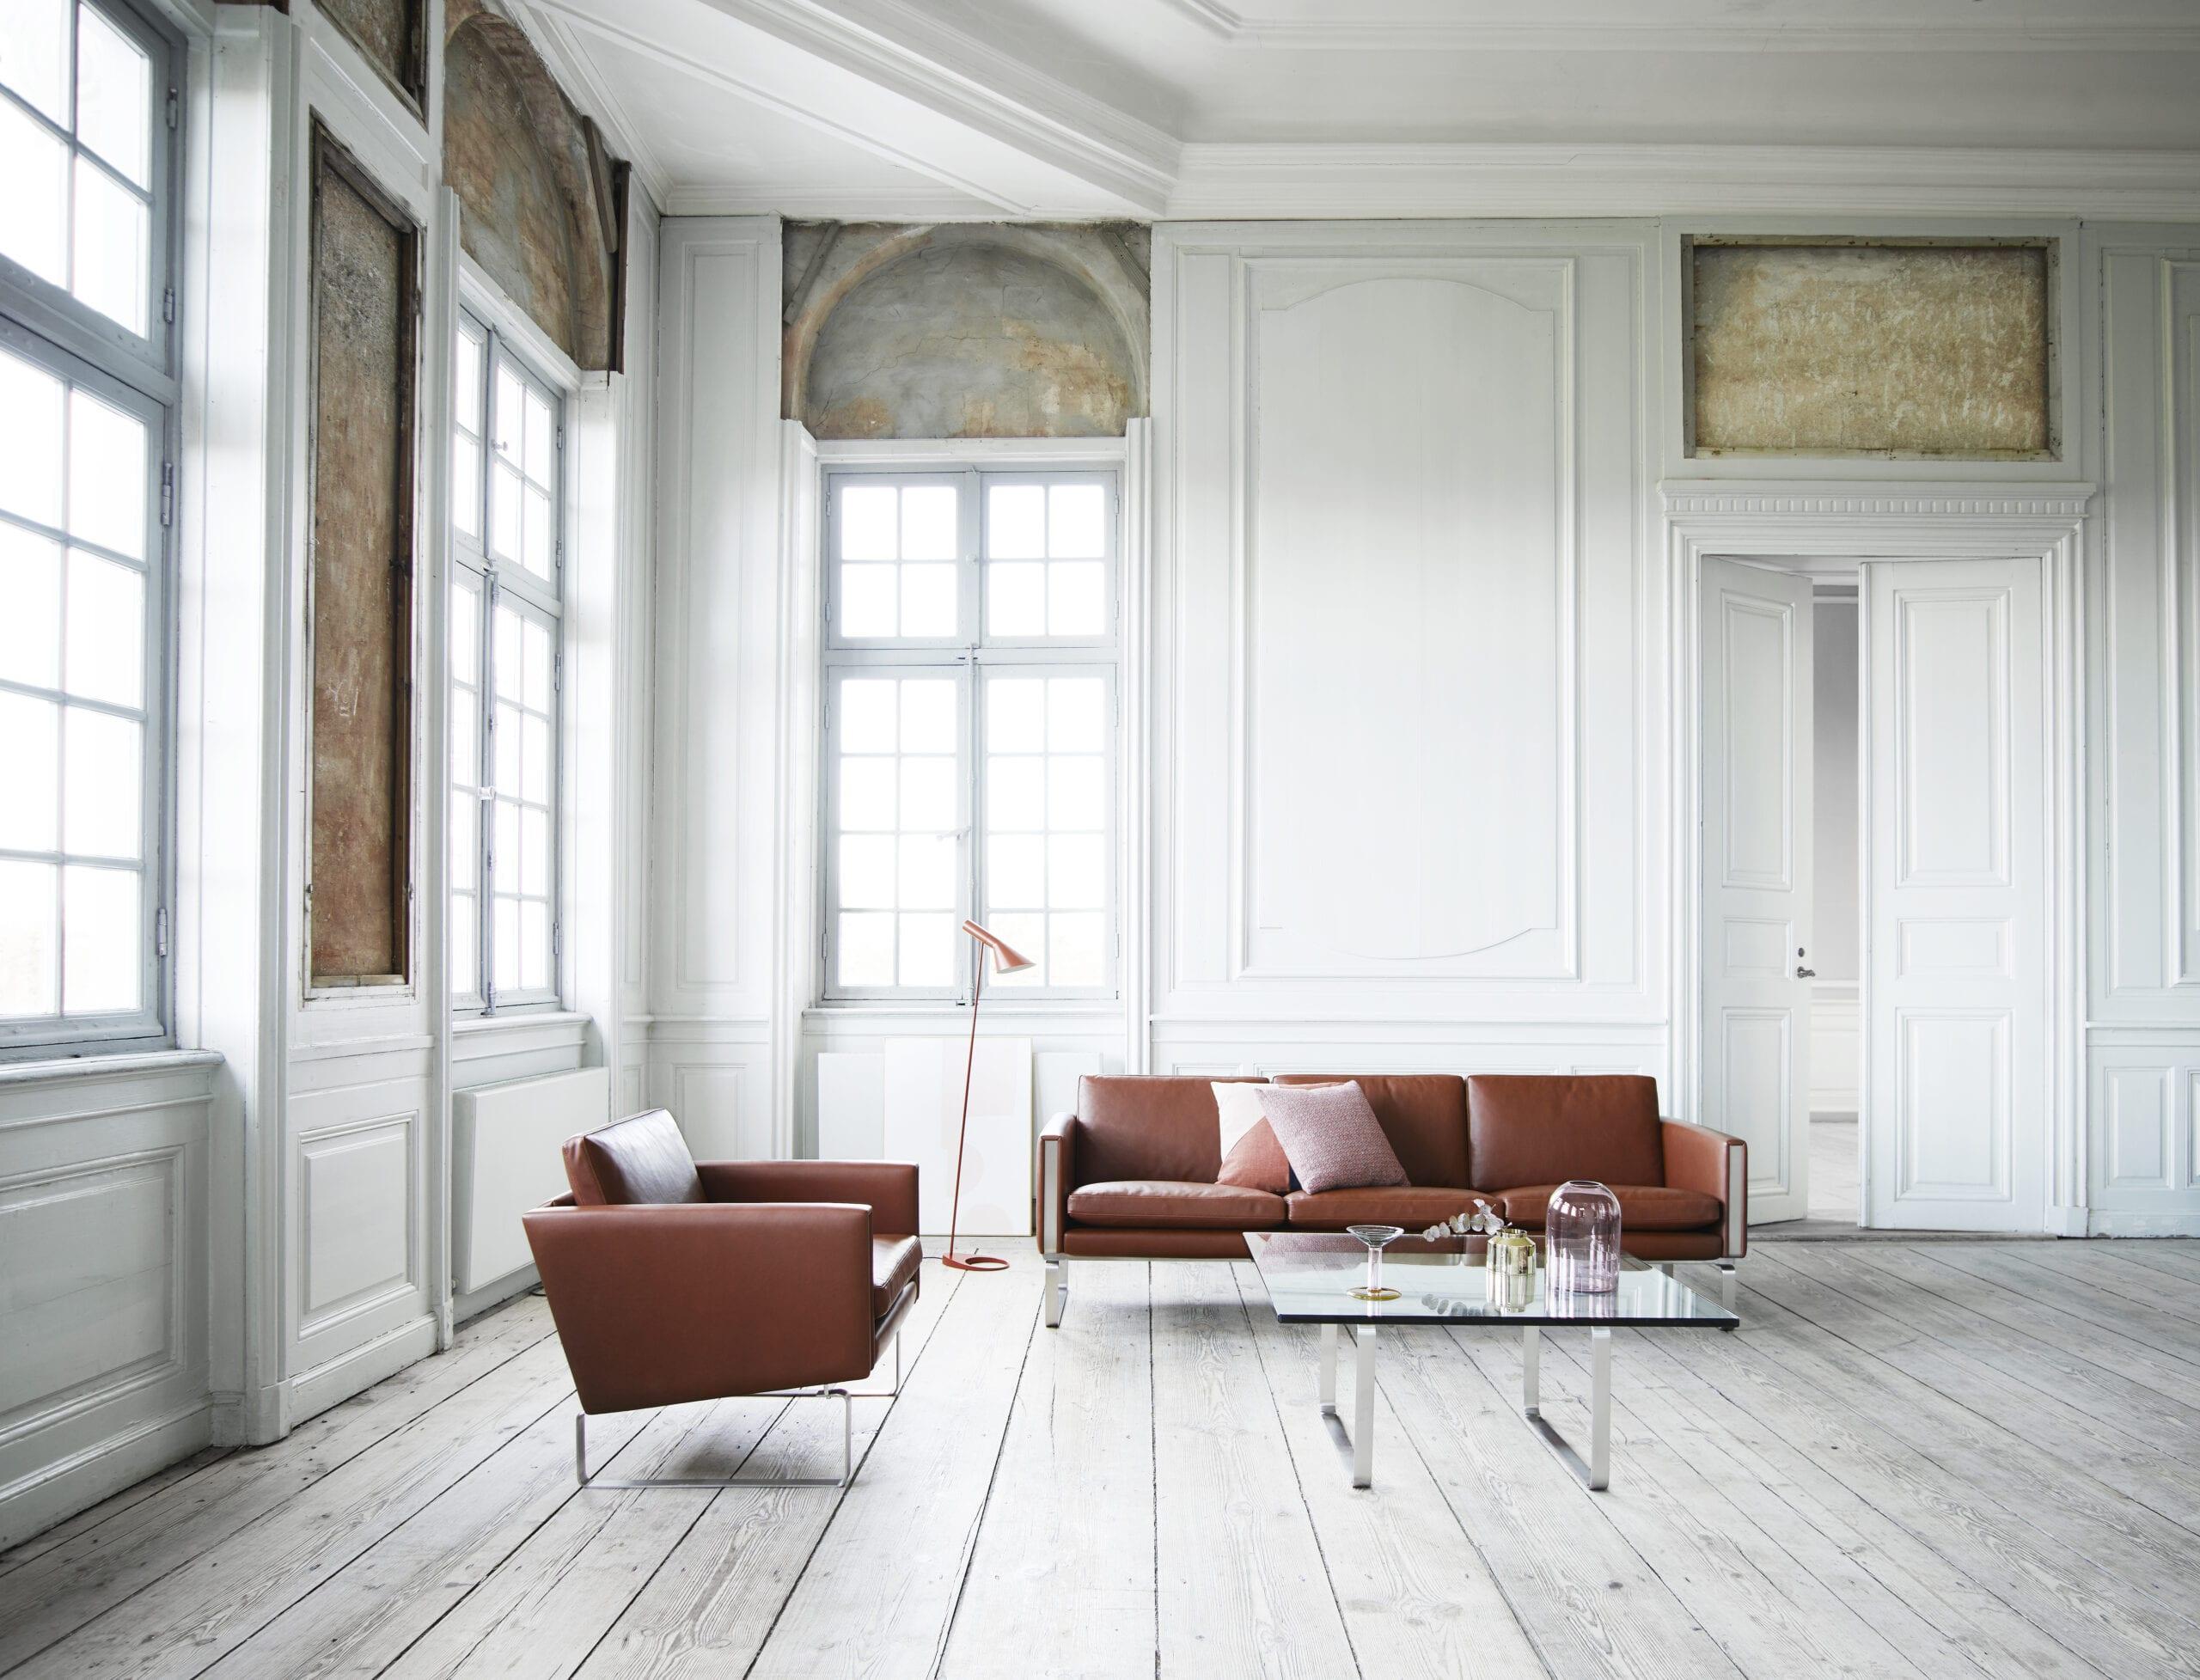 Stol Sofa CH100 serie Wegner Carl Hansen Indbo